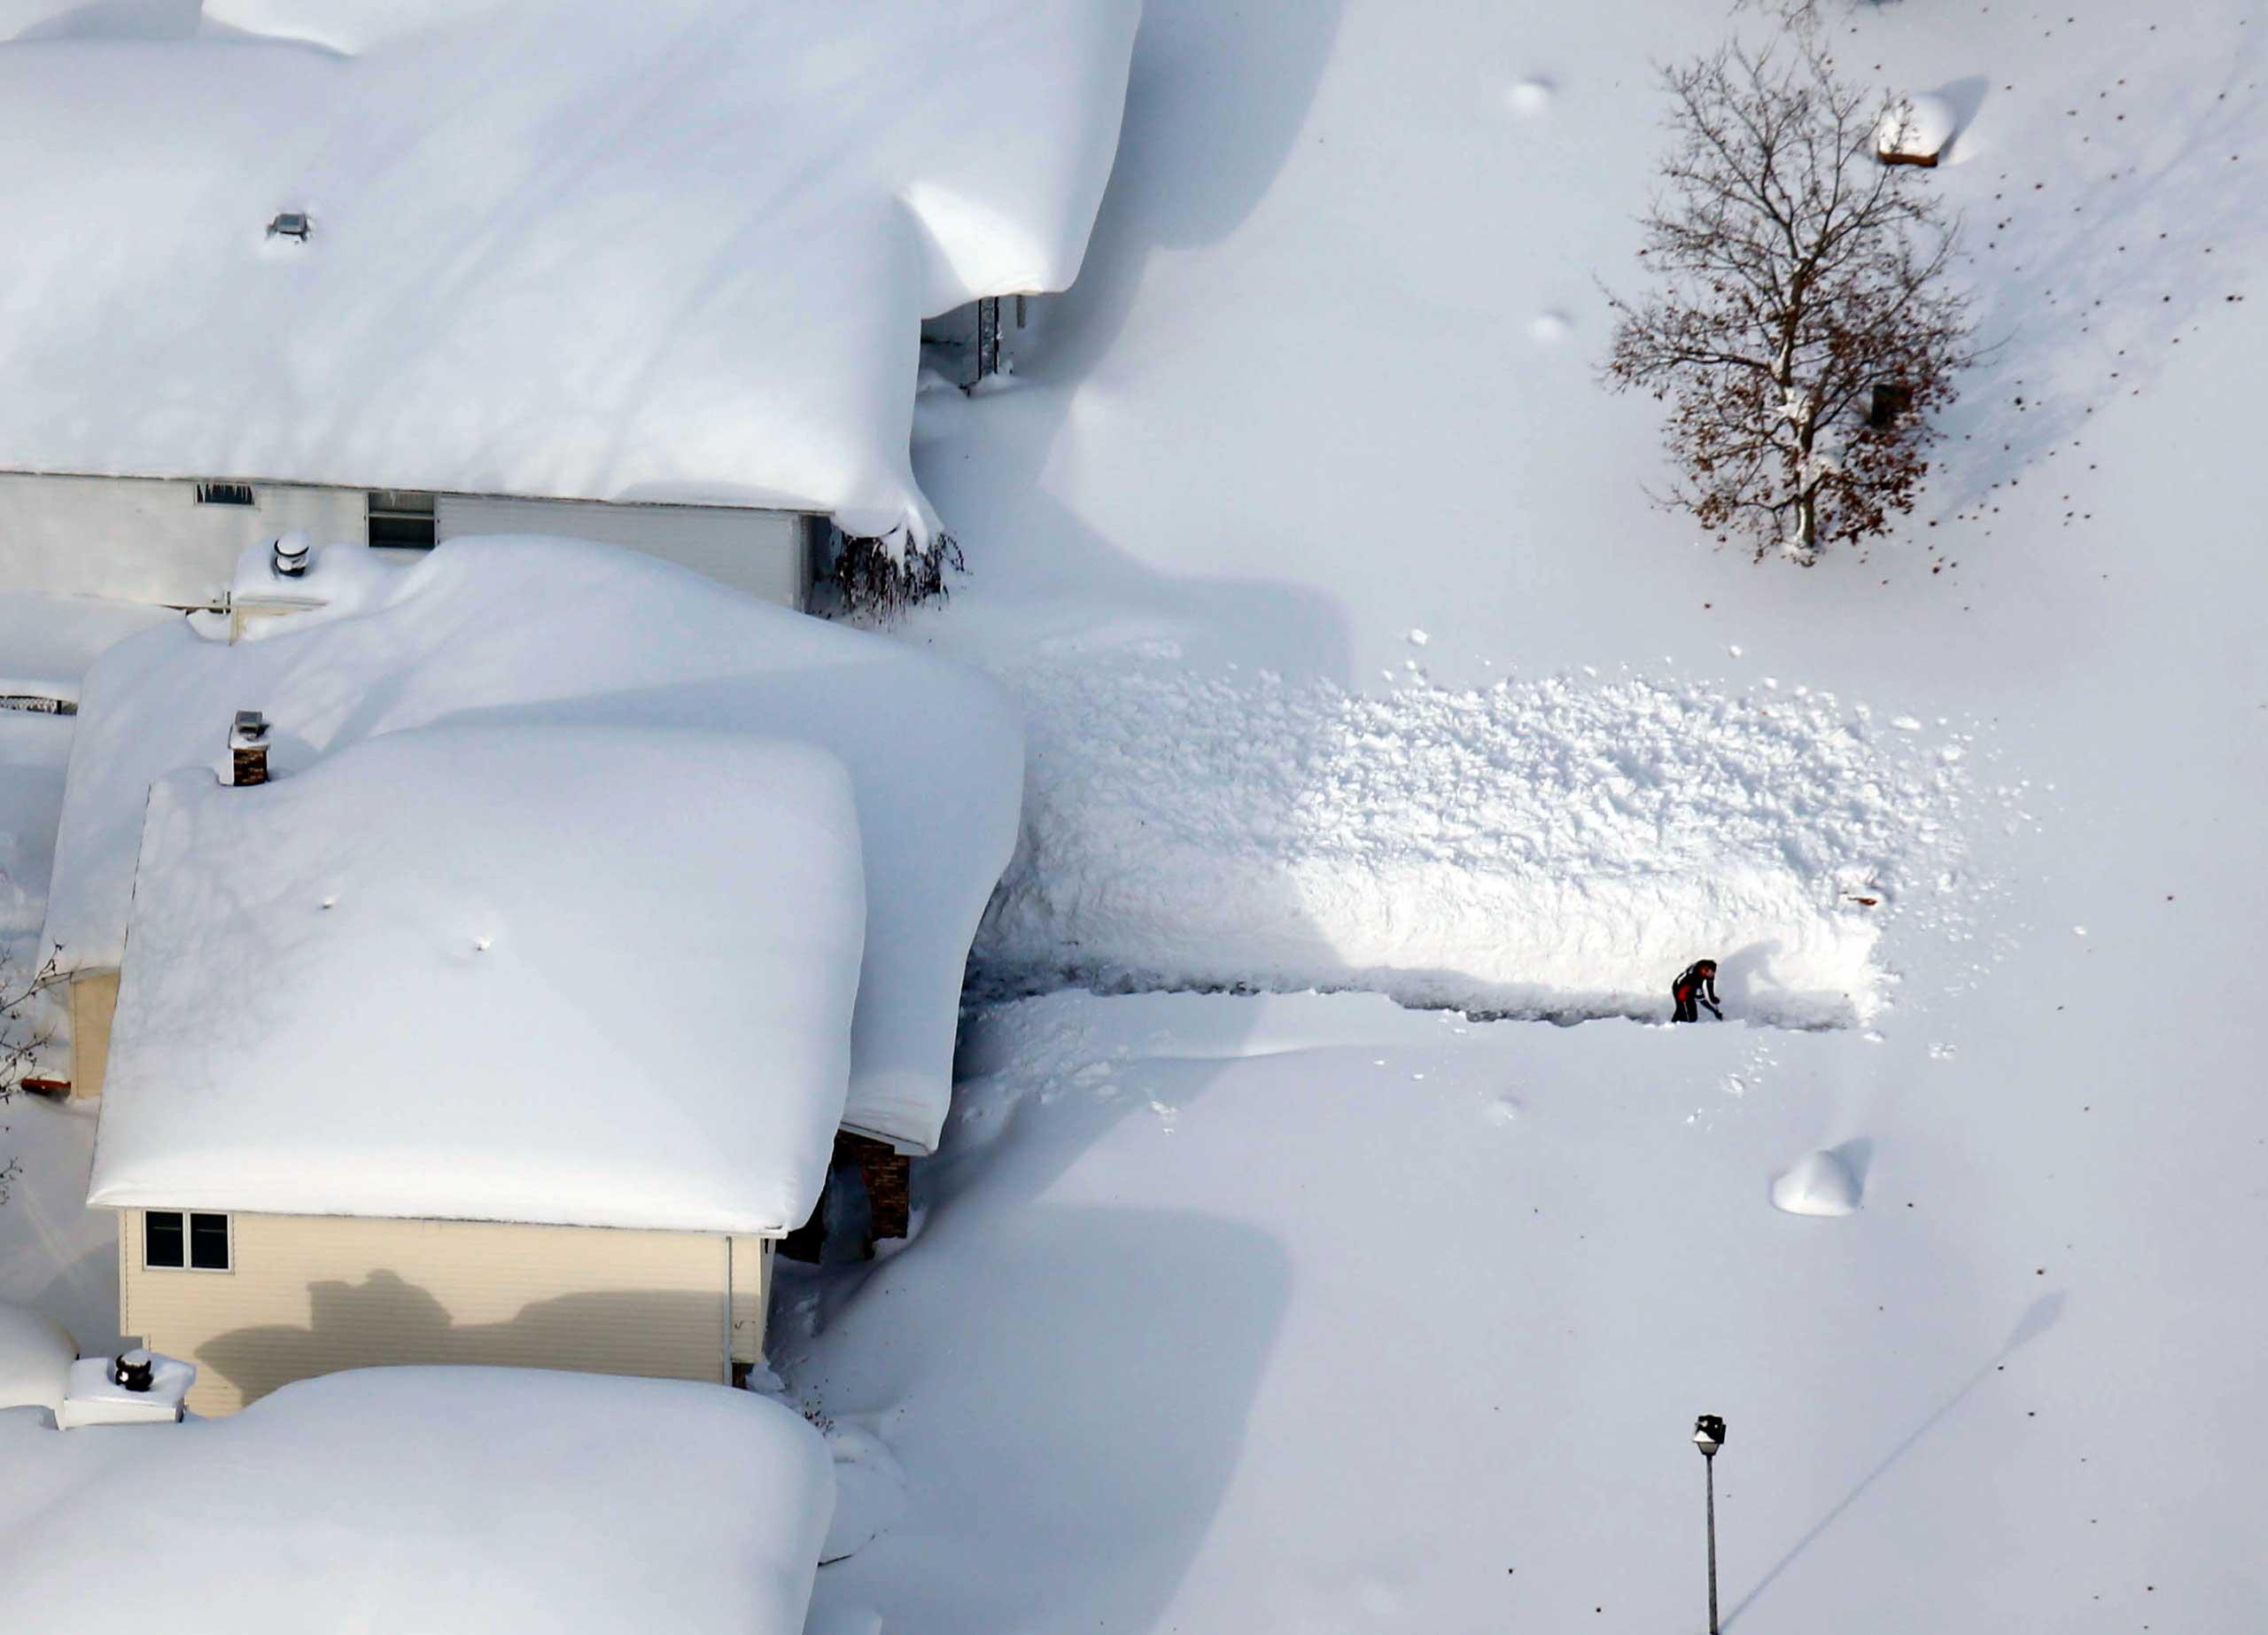 A man digs out his driveway in Depew, N.Y. on Nov. 19, 2014.